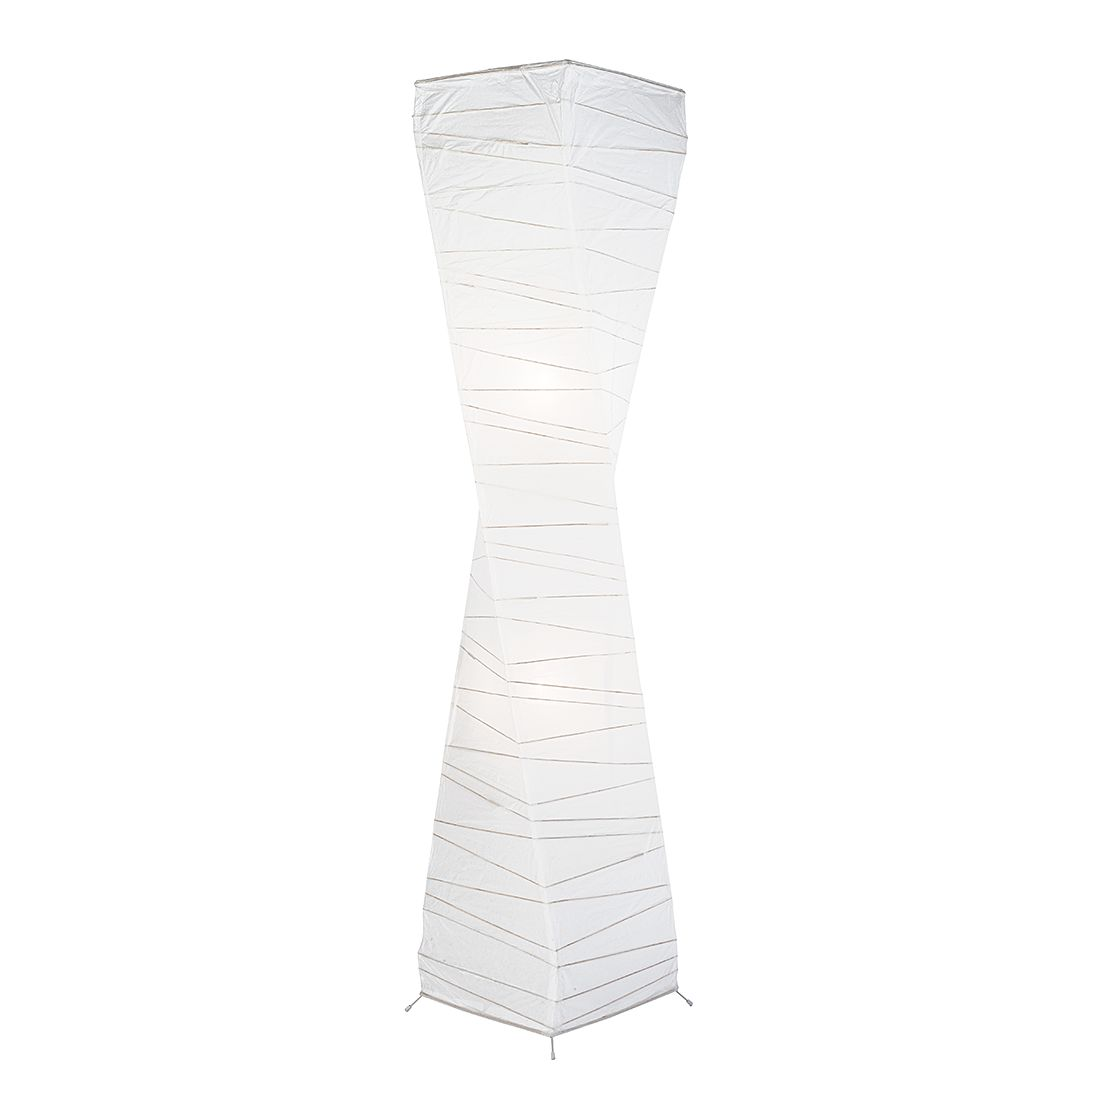 Standlampen innen wohnzimmer lampen for Lampen papier